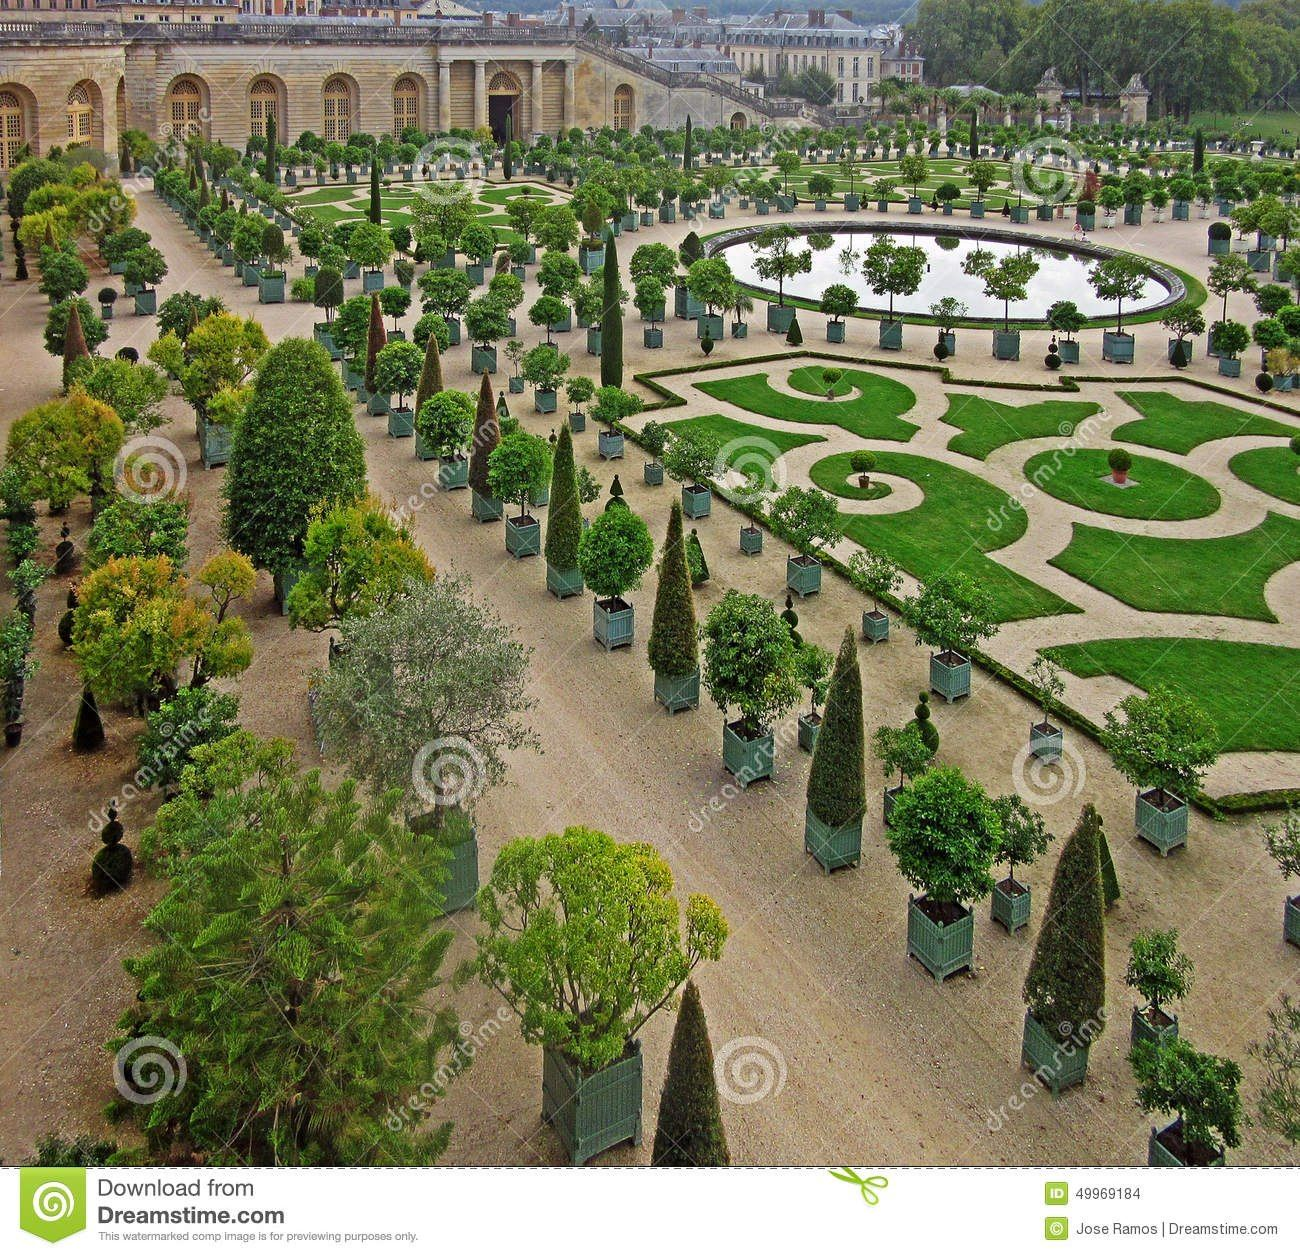 Die Garten Von Versailles Sie Mussen Dieses Jahr Versuchen Von Die Garten Von Versailles 3 Stockfoto Bild Von Hydraulik Instanz Inn Garten Versailles Bilder